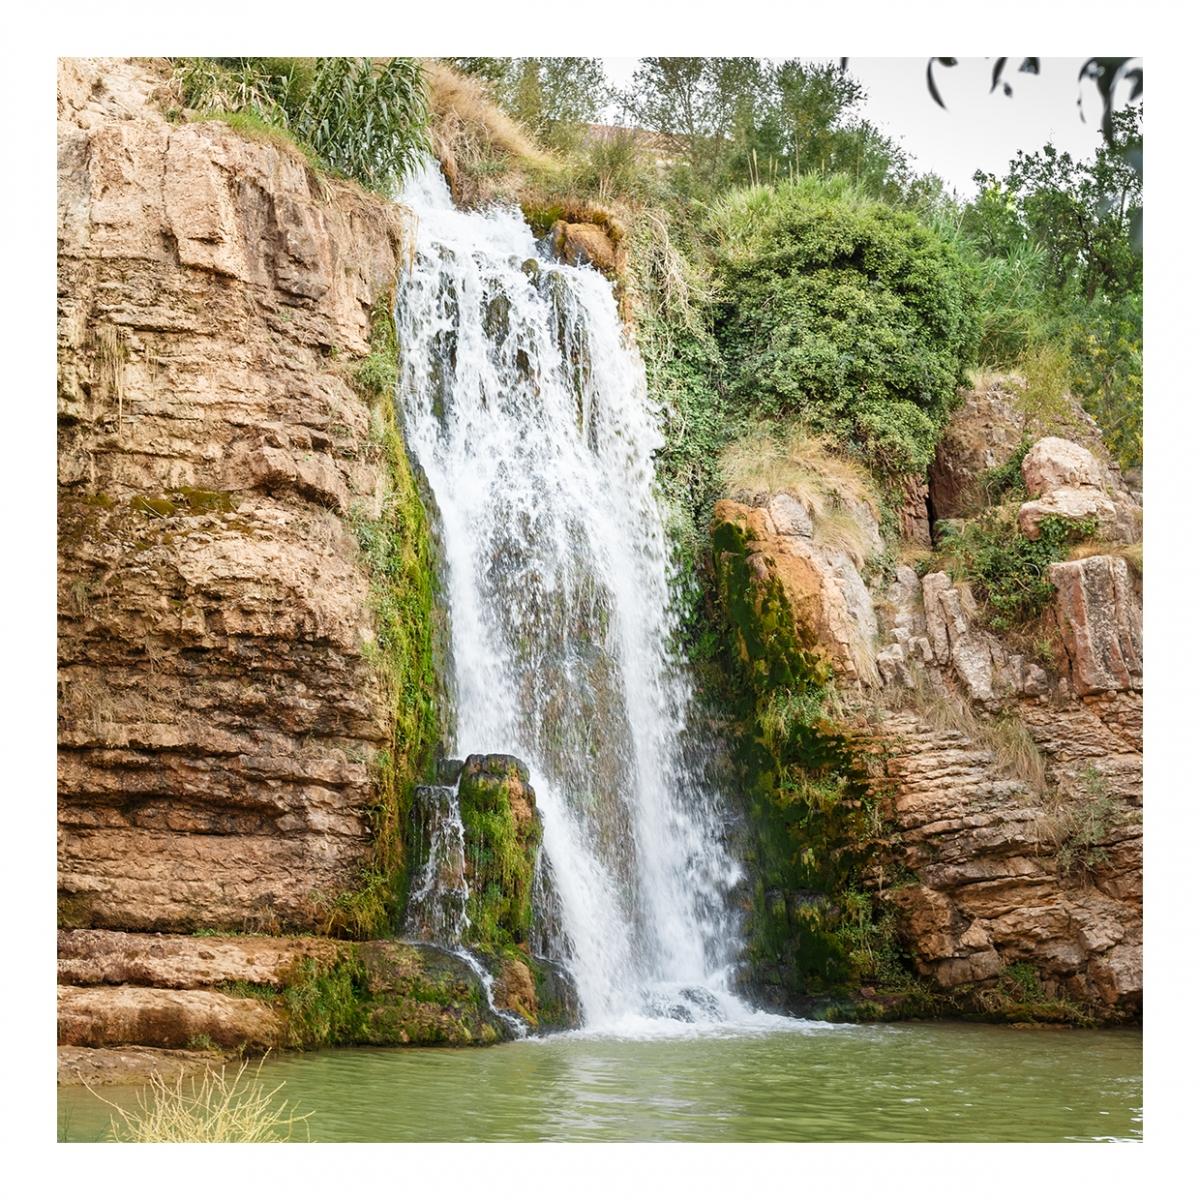 Imagen en la que se ve una cascada